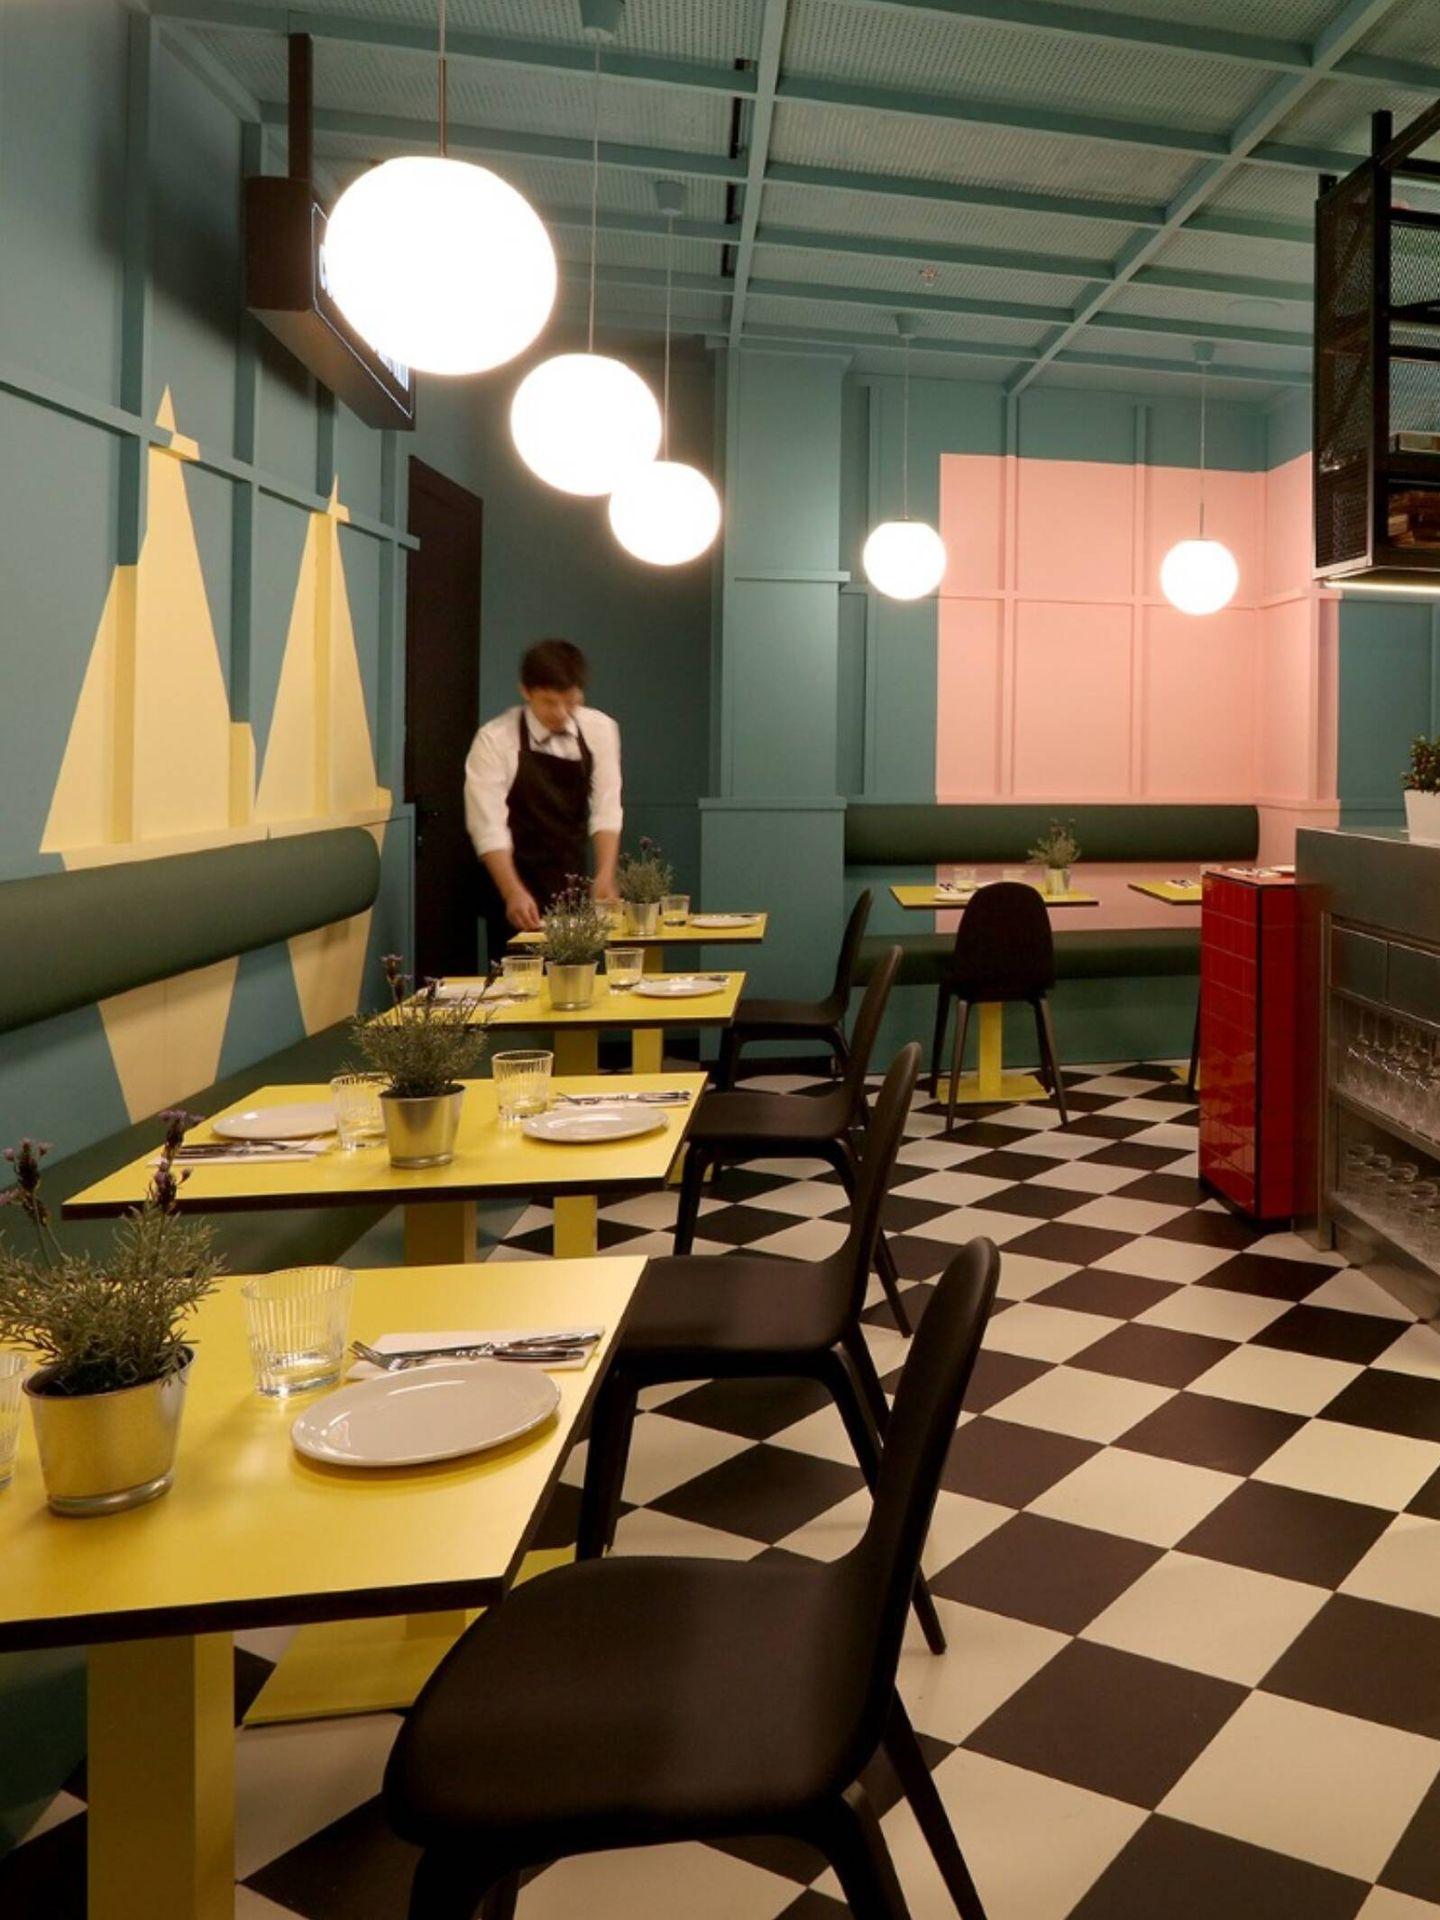 Restaurante 'Los chicos, las chicas y los maniquís', en Madrid. (Cortesía)